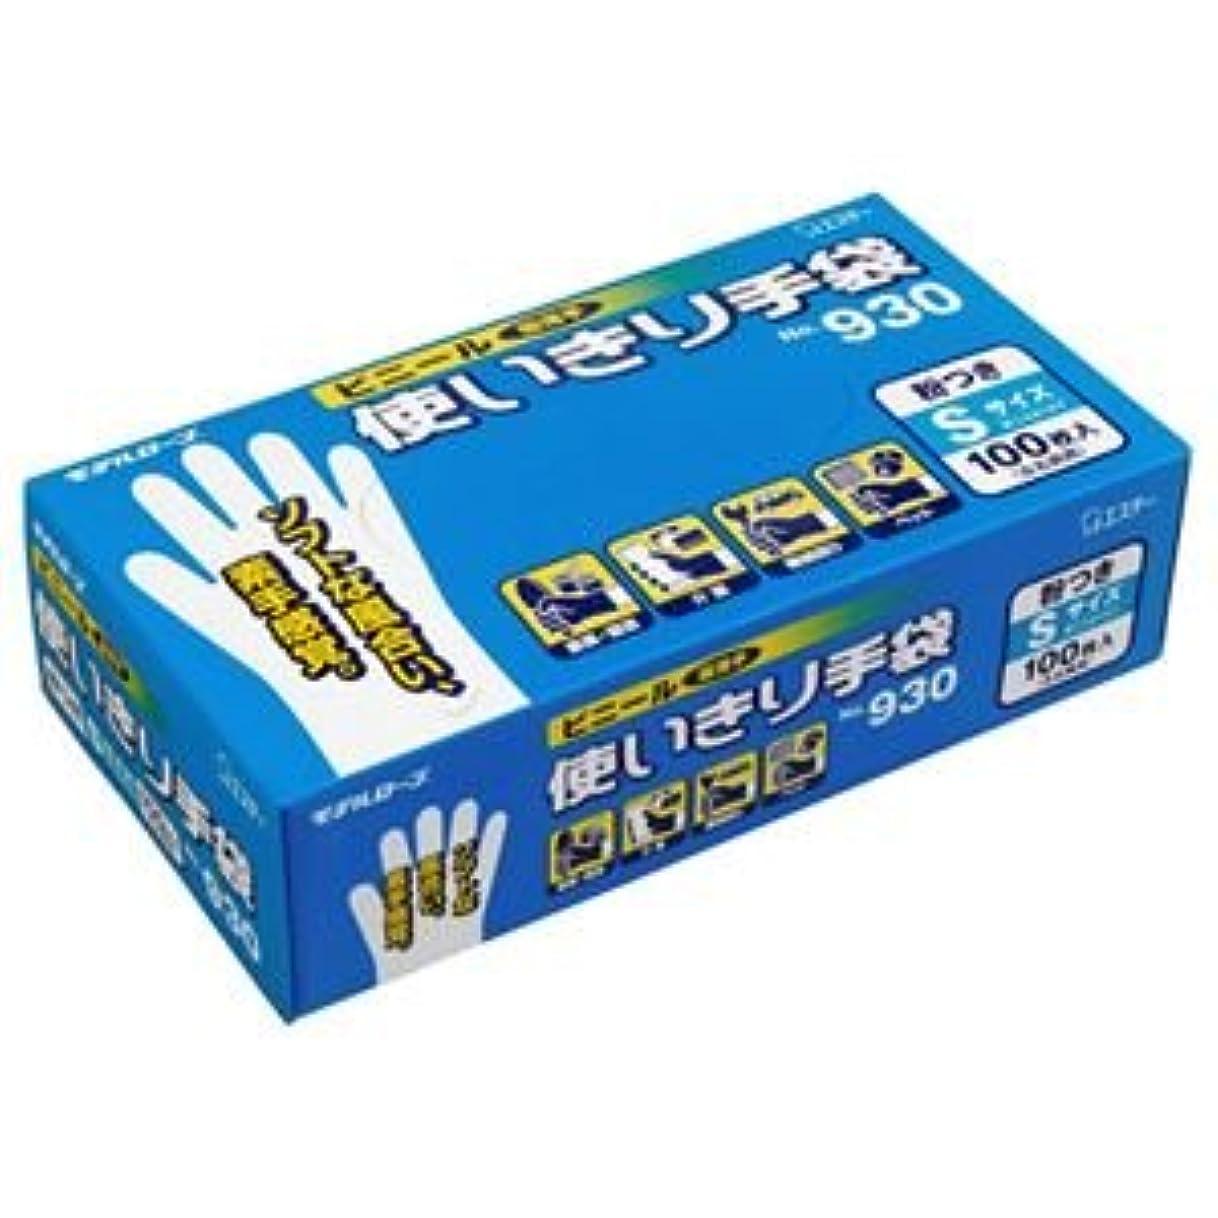 収束するコンピューターを使用するアトム(まとめ) エステー No.930 ビニール使いきり手袋(粉付) S 1箱(100枚) 【×5セット